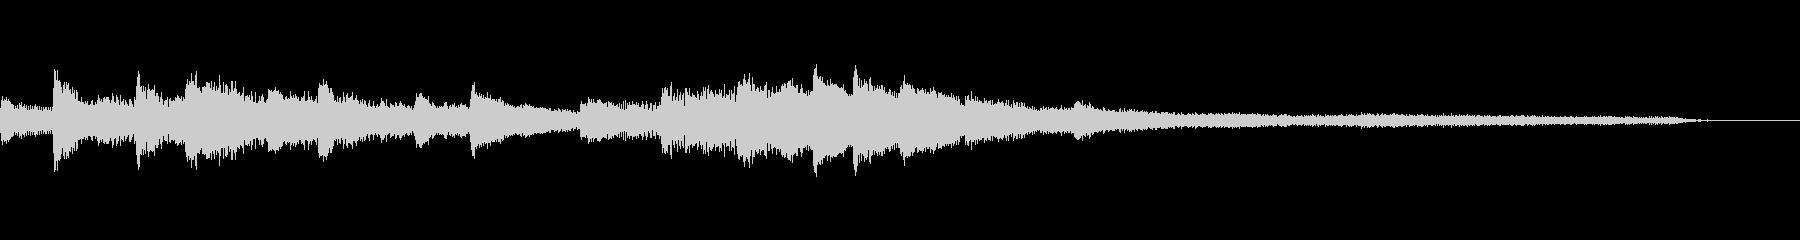 冷たい和風ジングル58-ピアノソロの未再生の波形